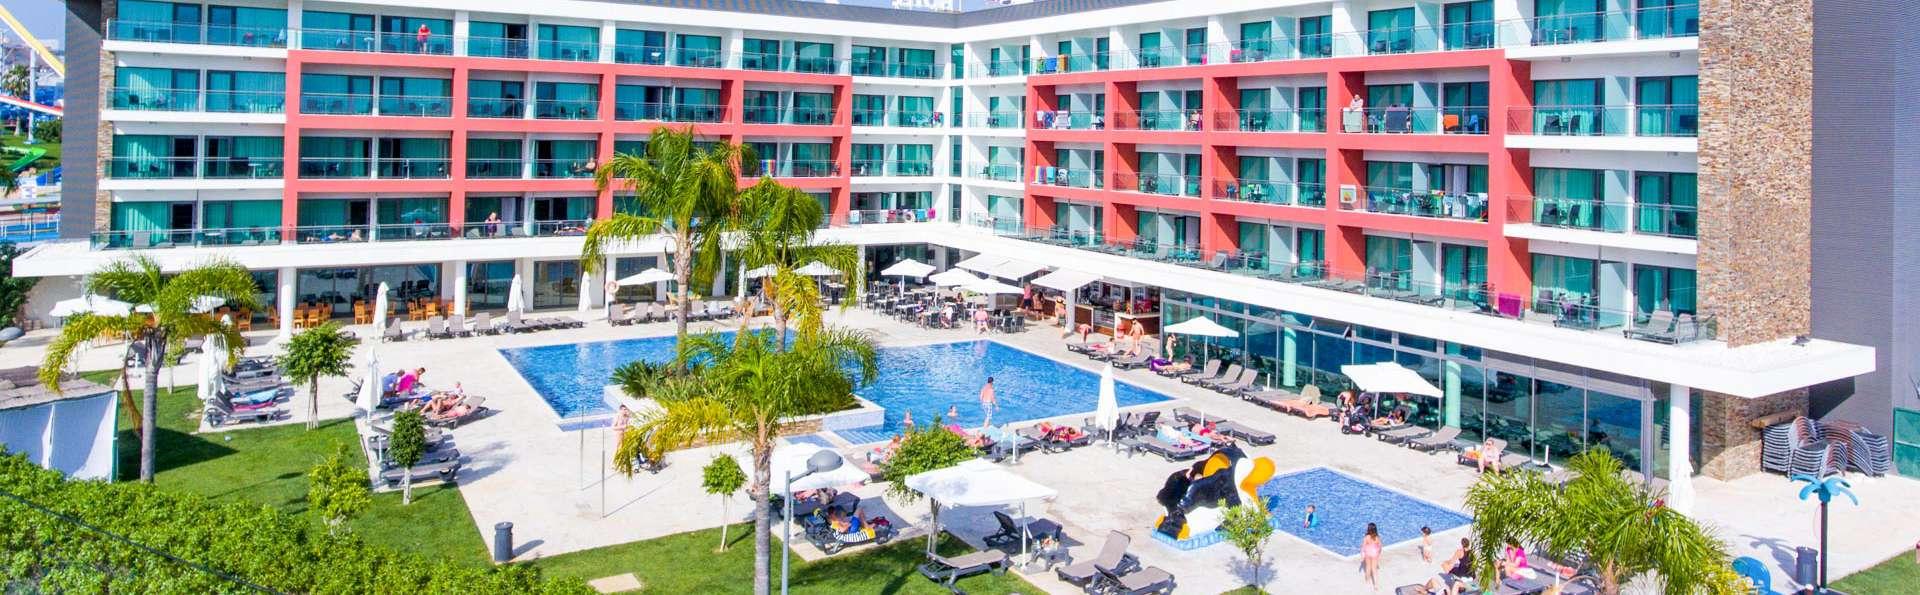 Aquashow Park Hotel - EDIT_NEW_EXTERIOR_02.jpg